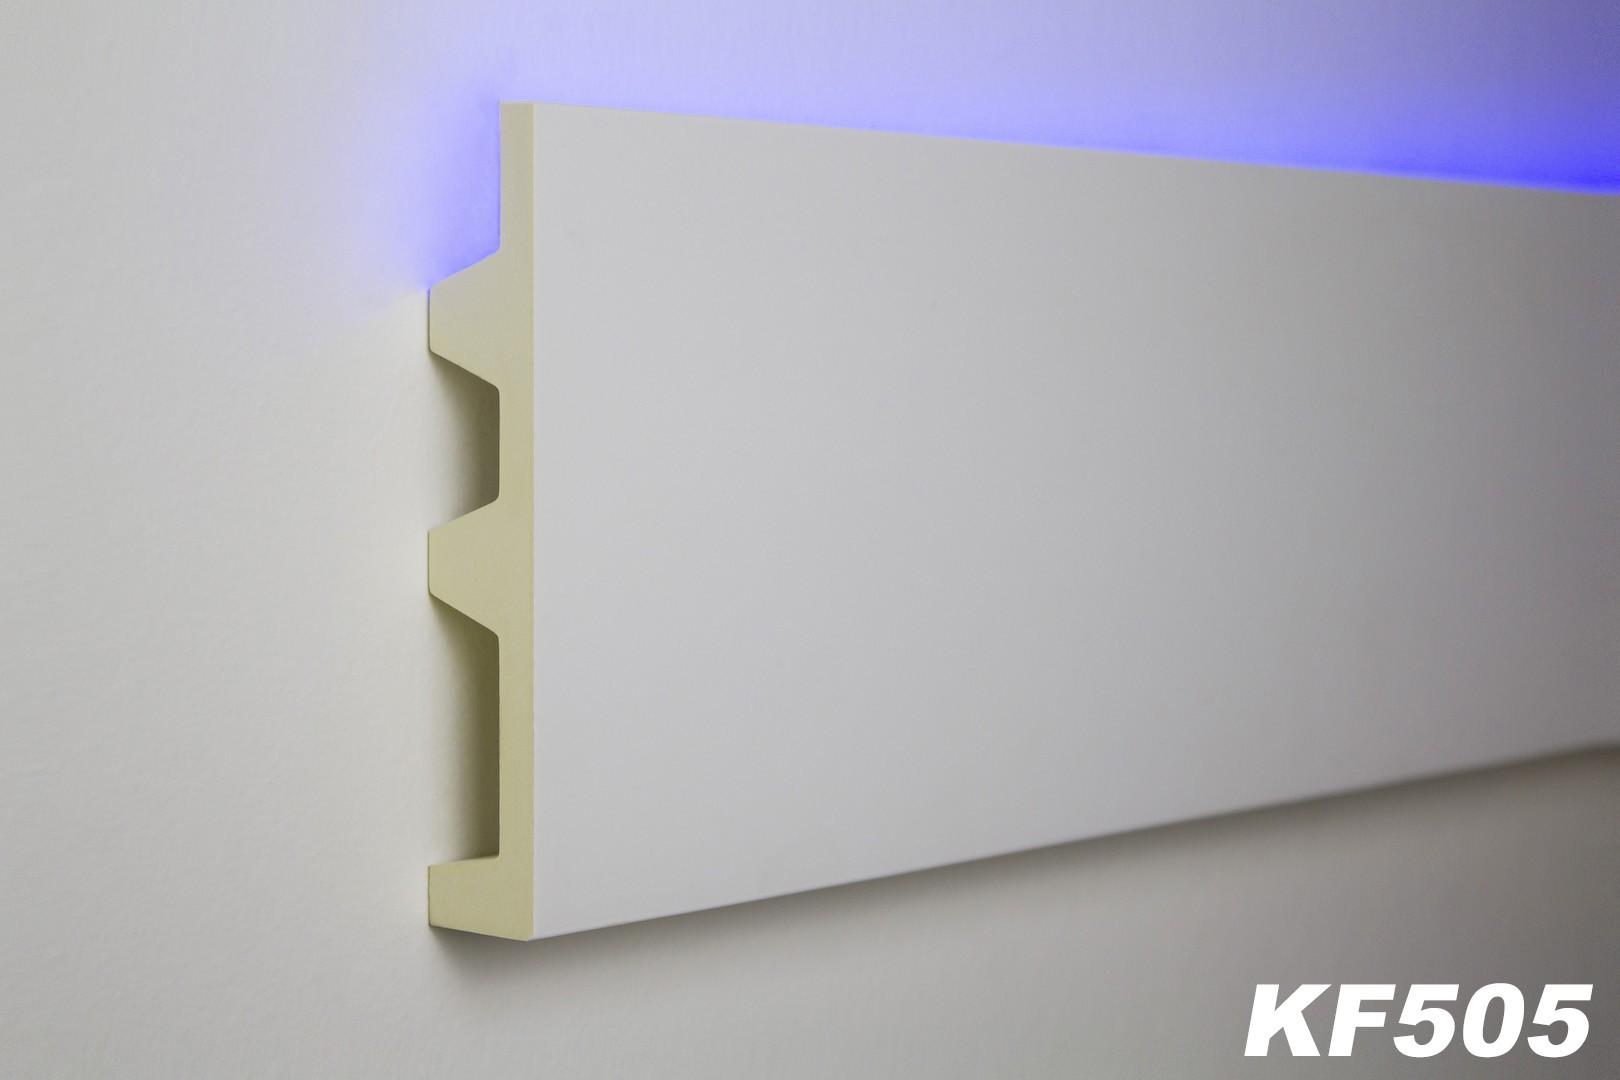 Kf505 originalbild